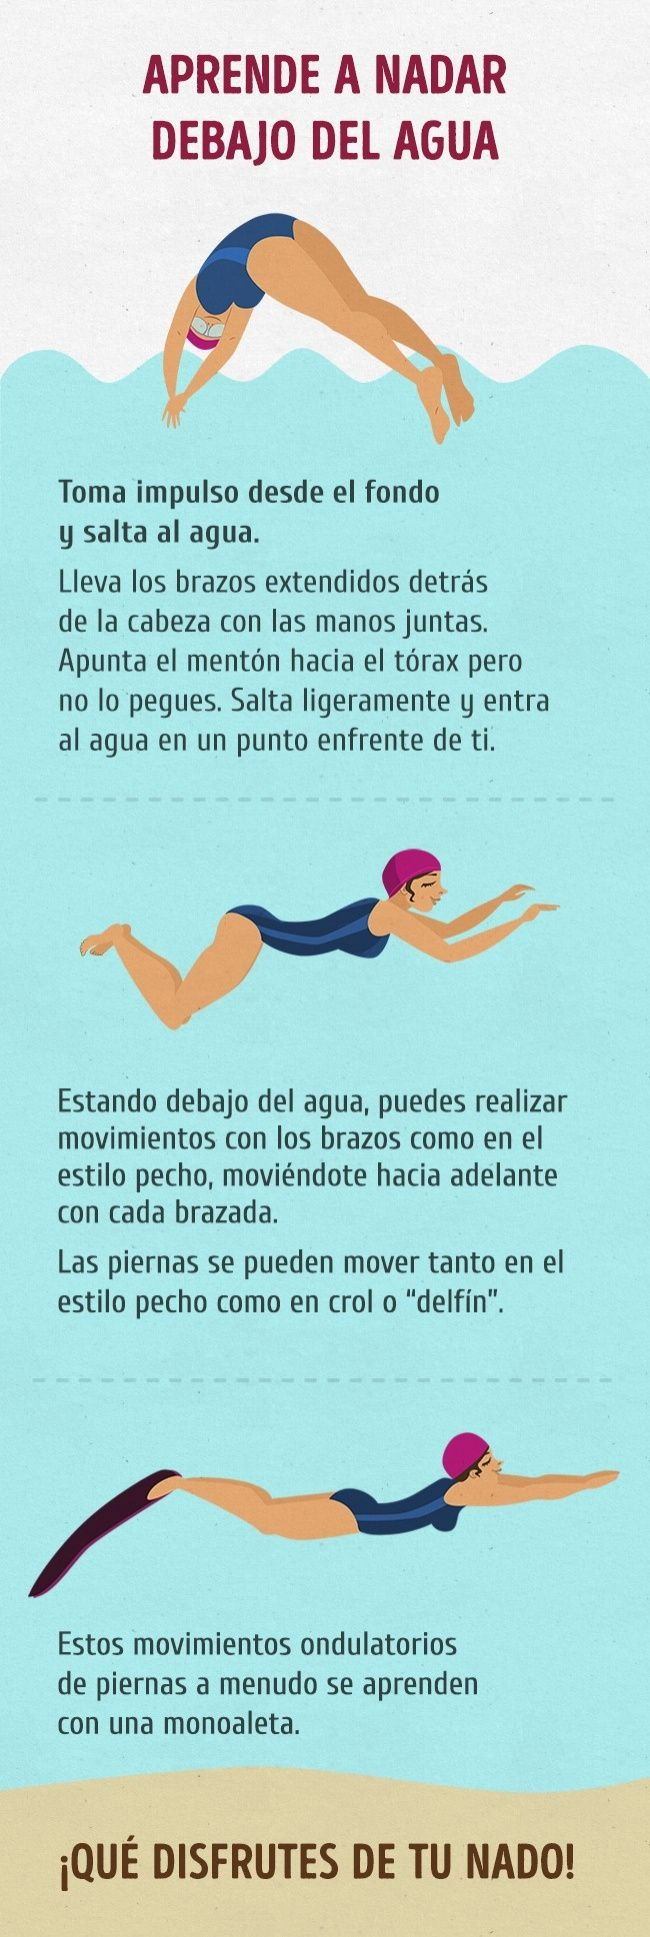 Guía completa para aquellos que quieren aprender a nadar como pez en el agua